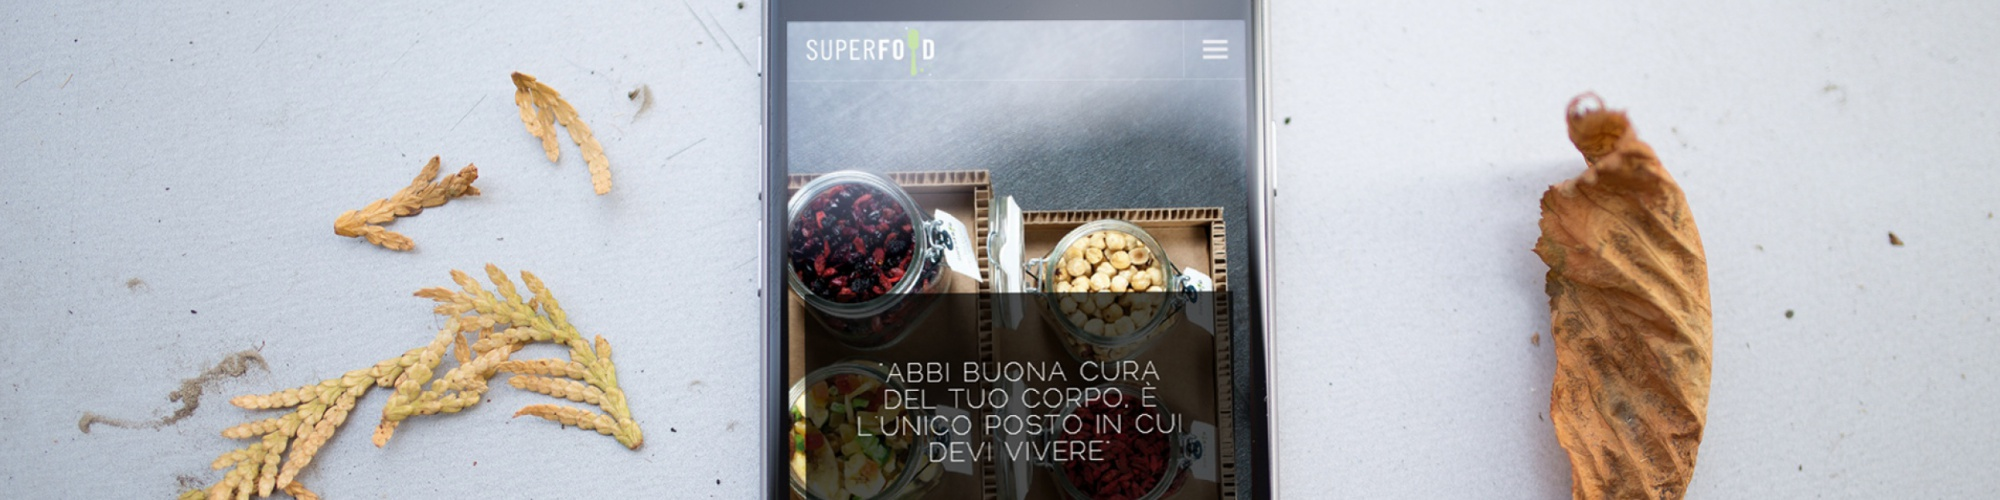 Sesinet Web Agency - Promozione prodotti dietetici e salutistici